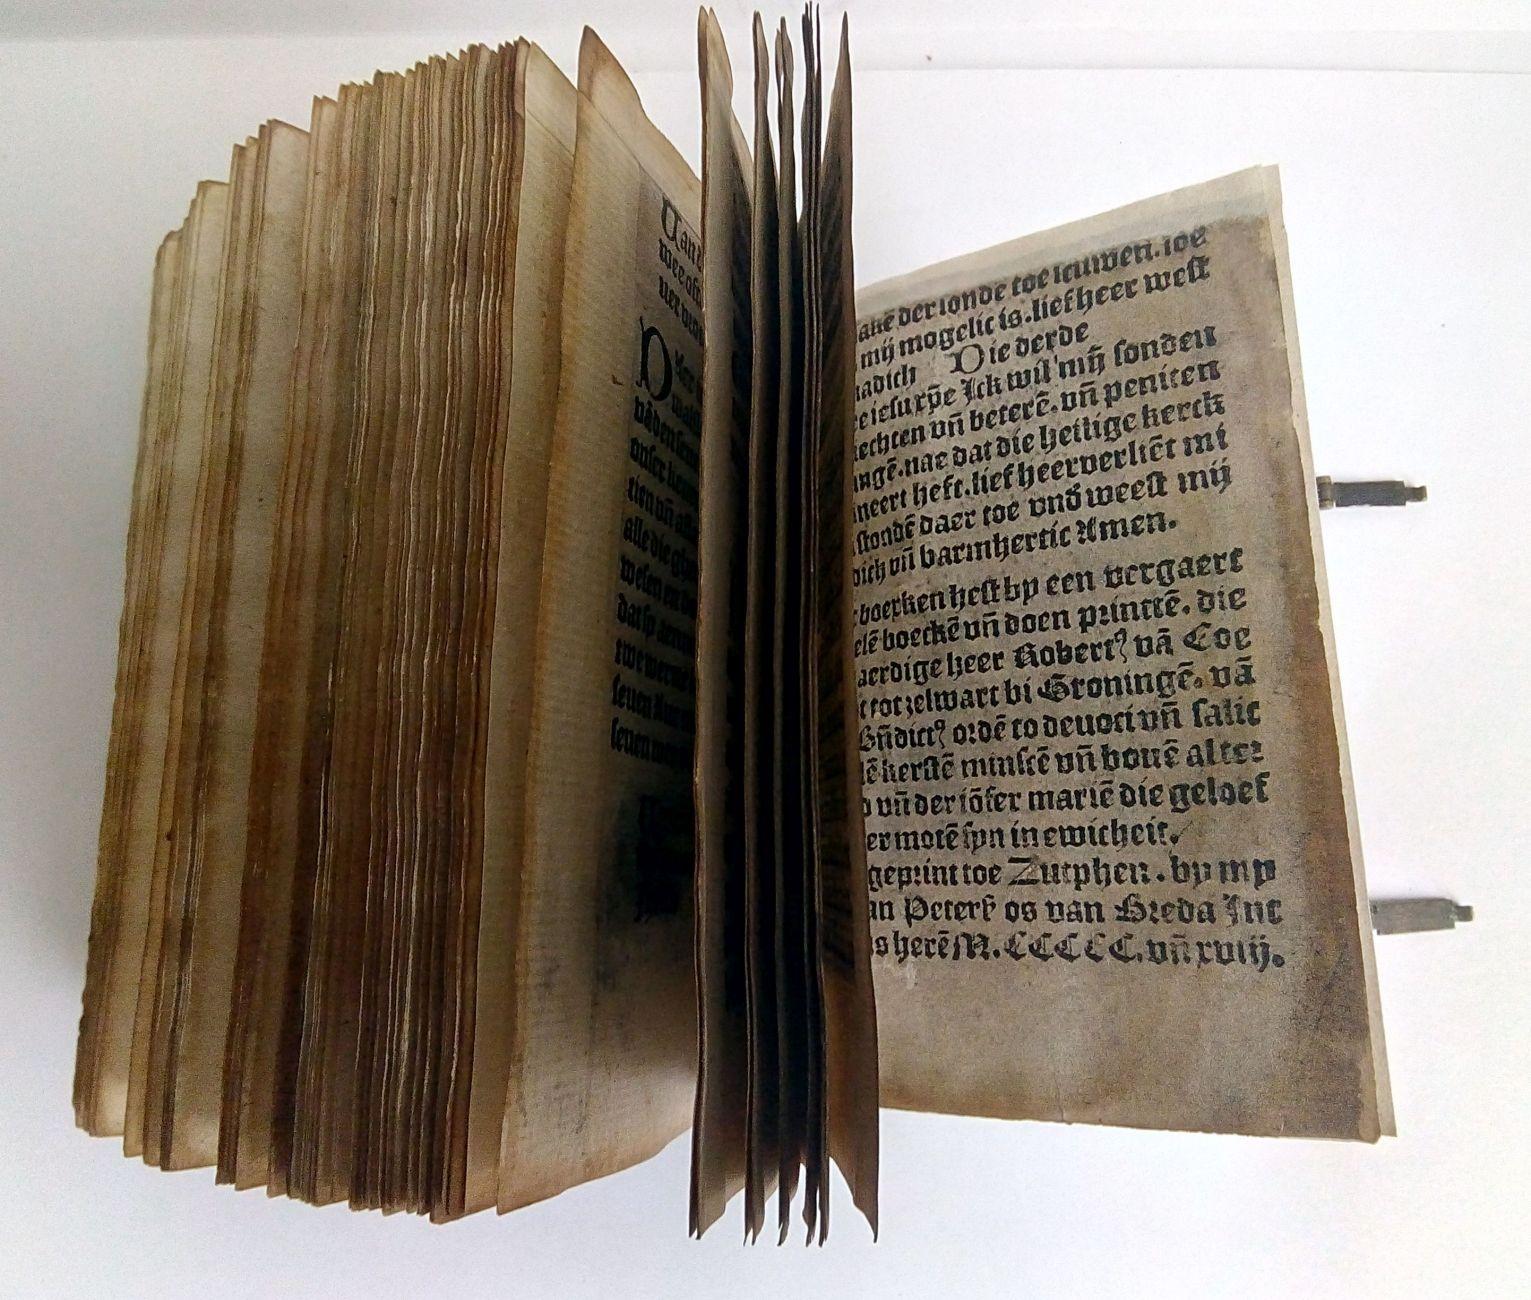 500 jaar oude Zutphense boekdrukkunst